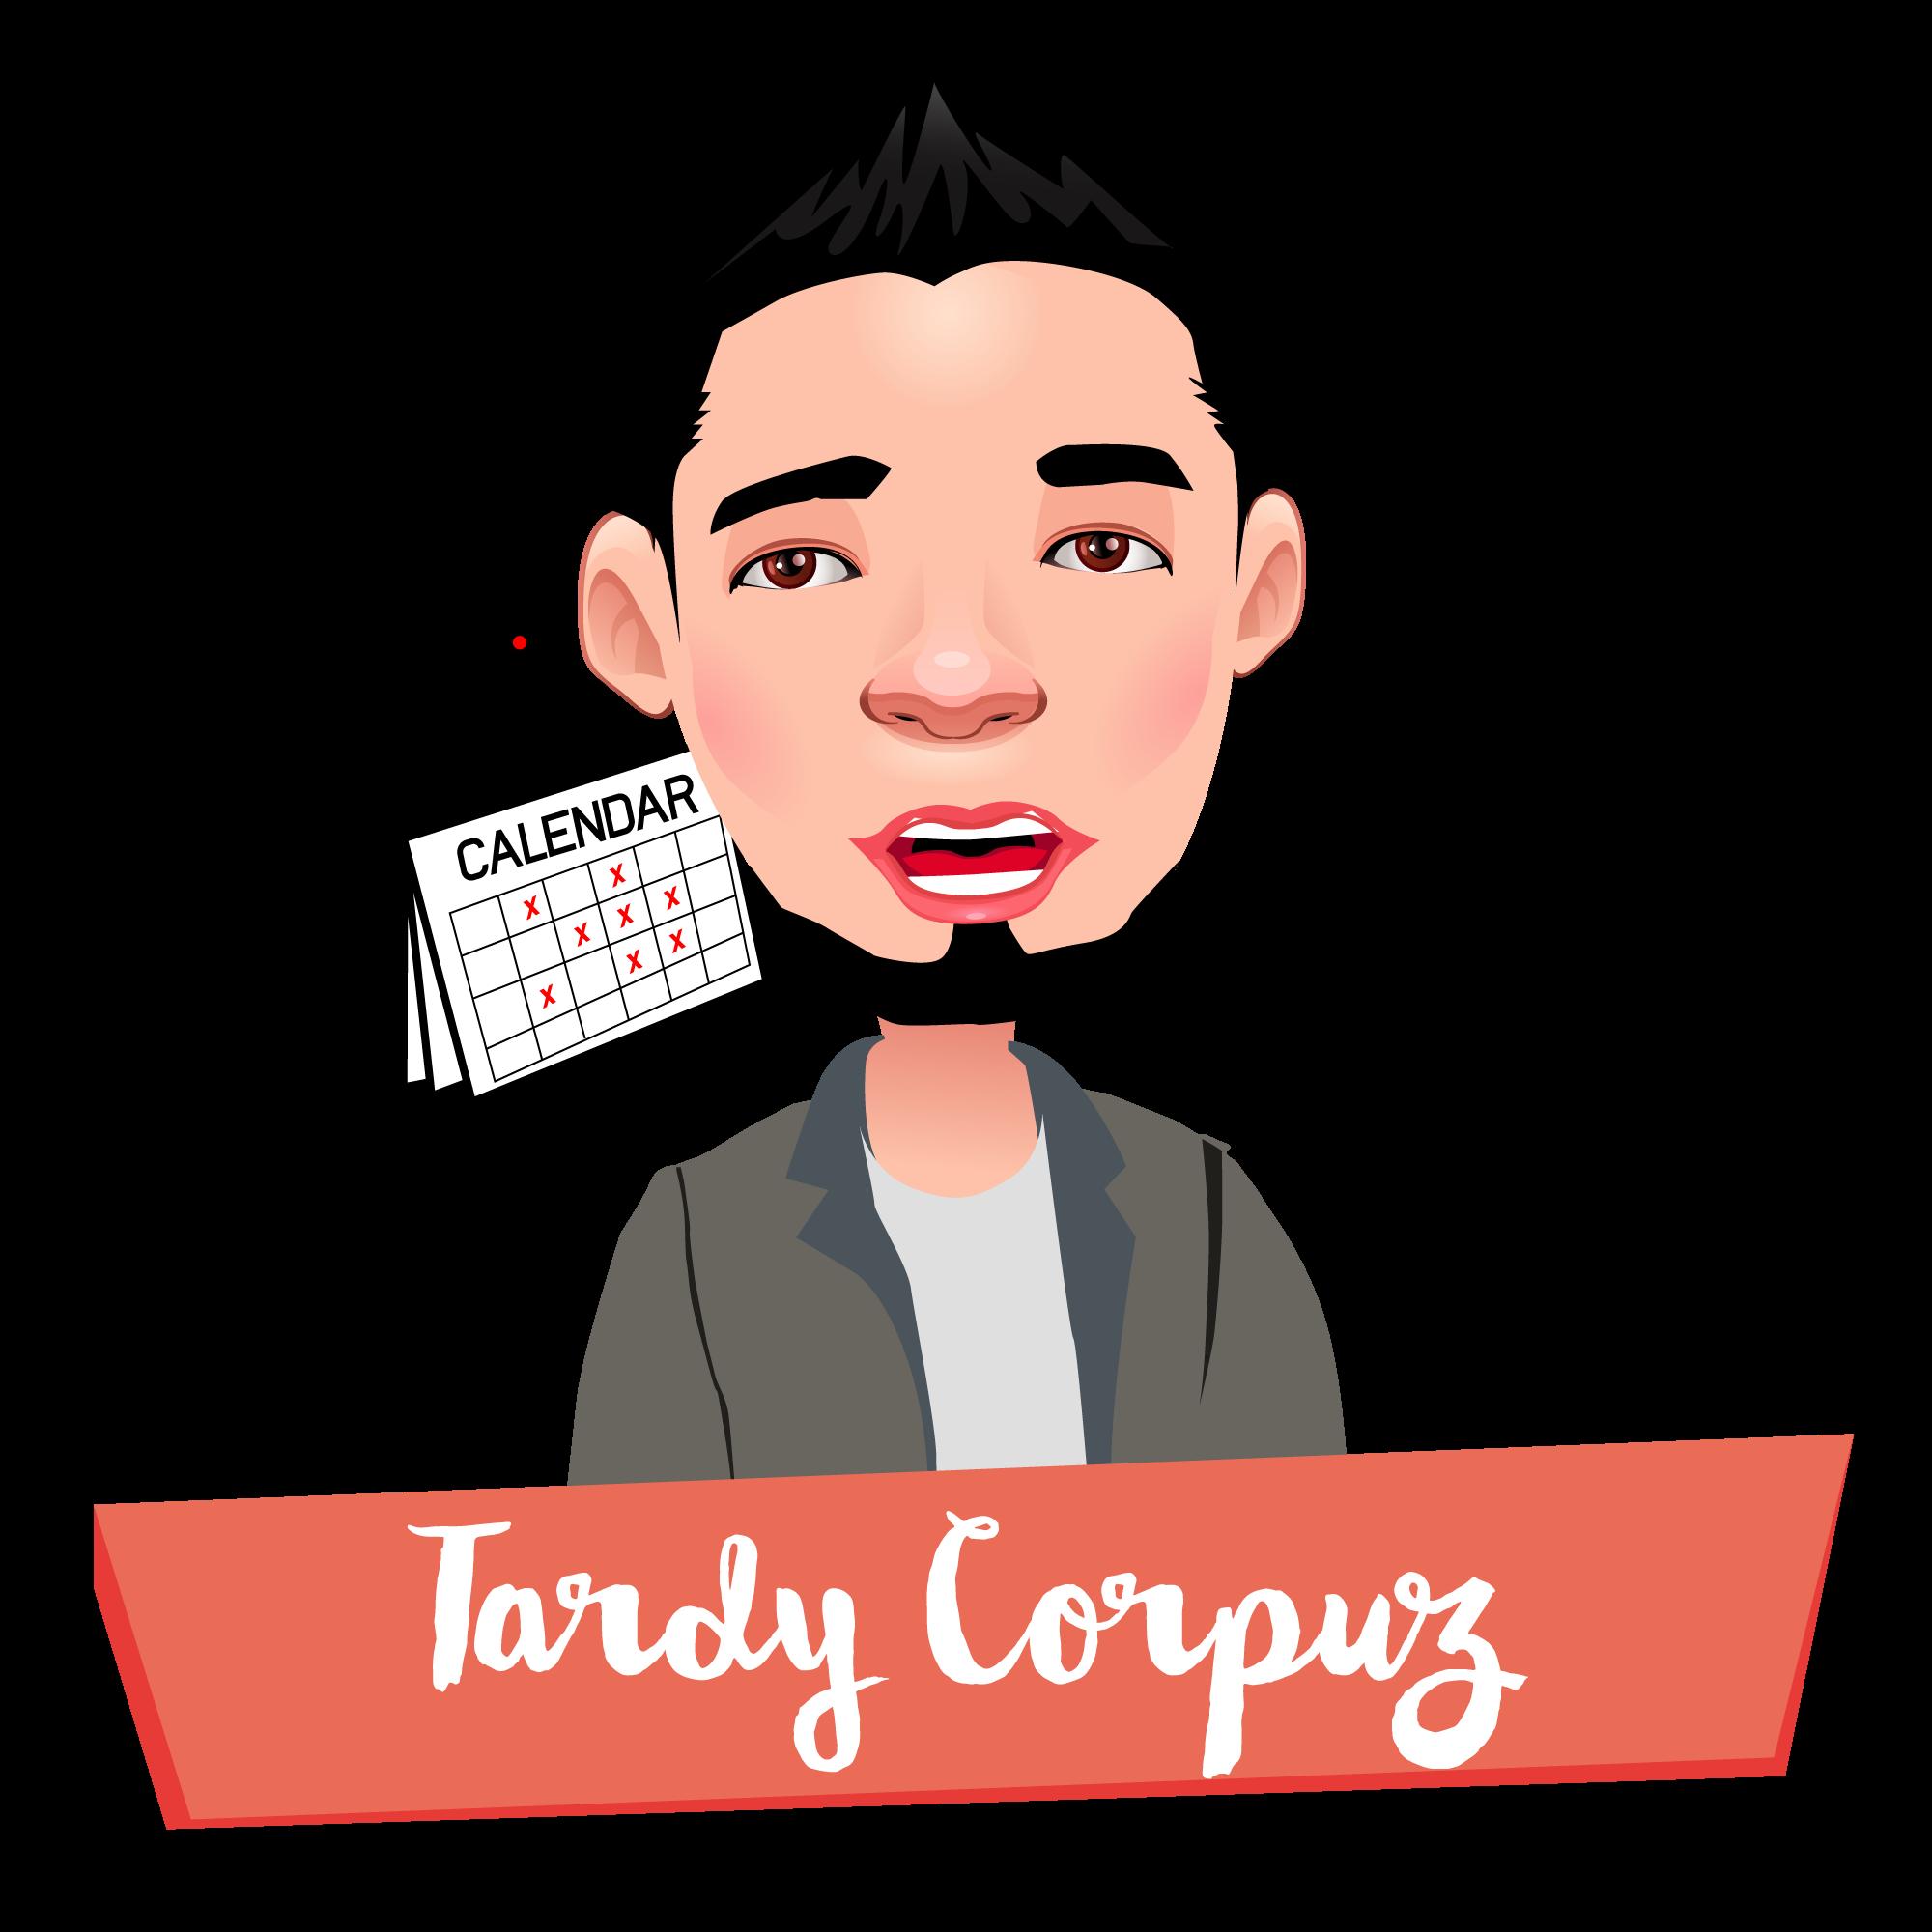 10 Uri ng Empleyado_Tardy Corpuz